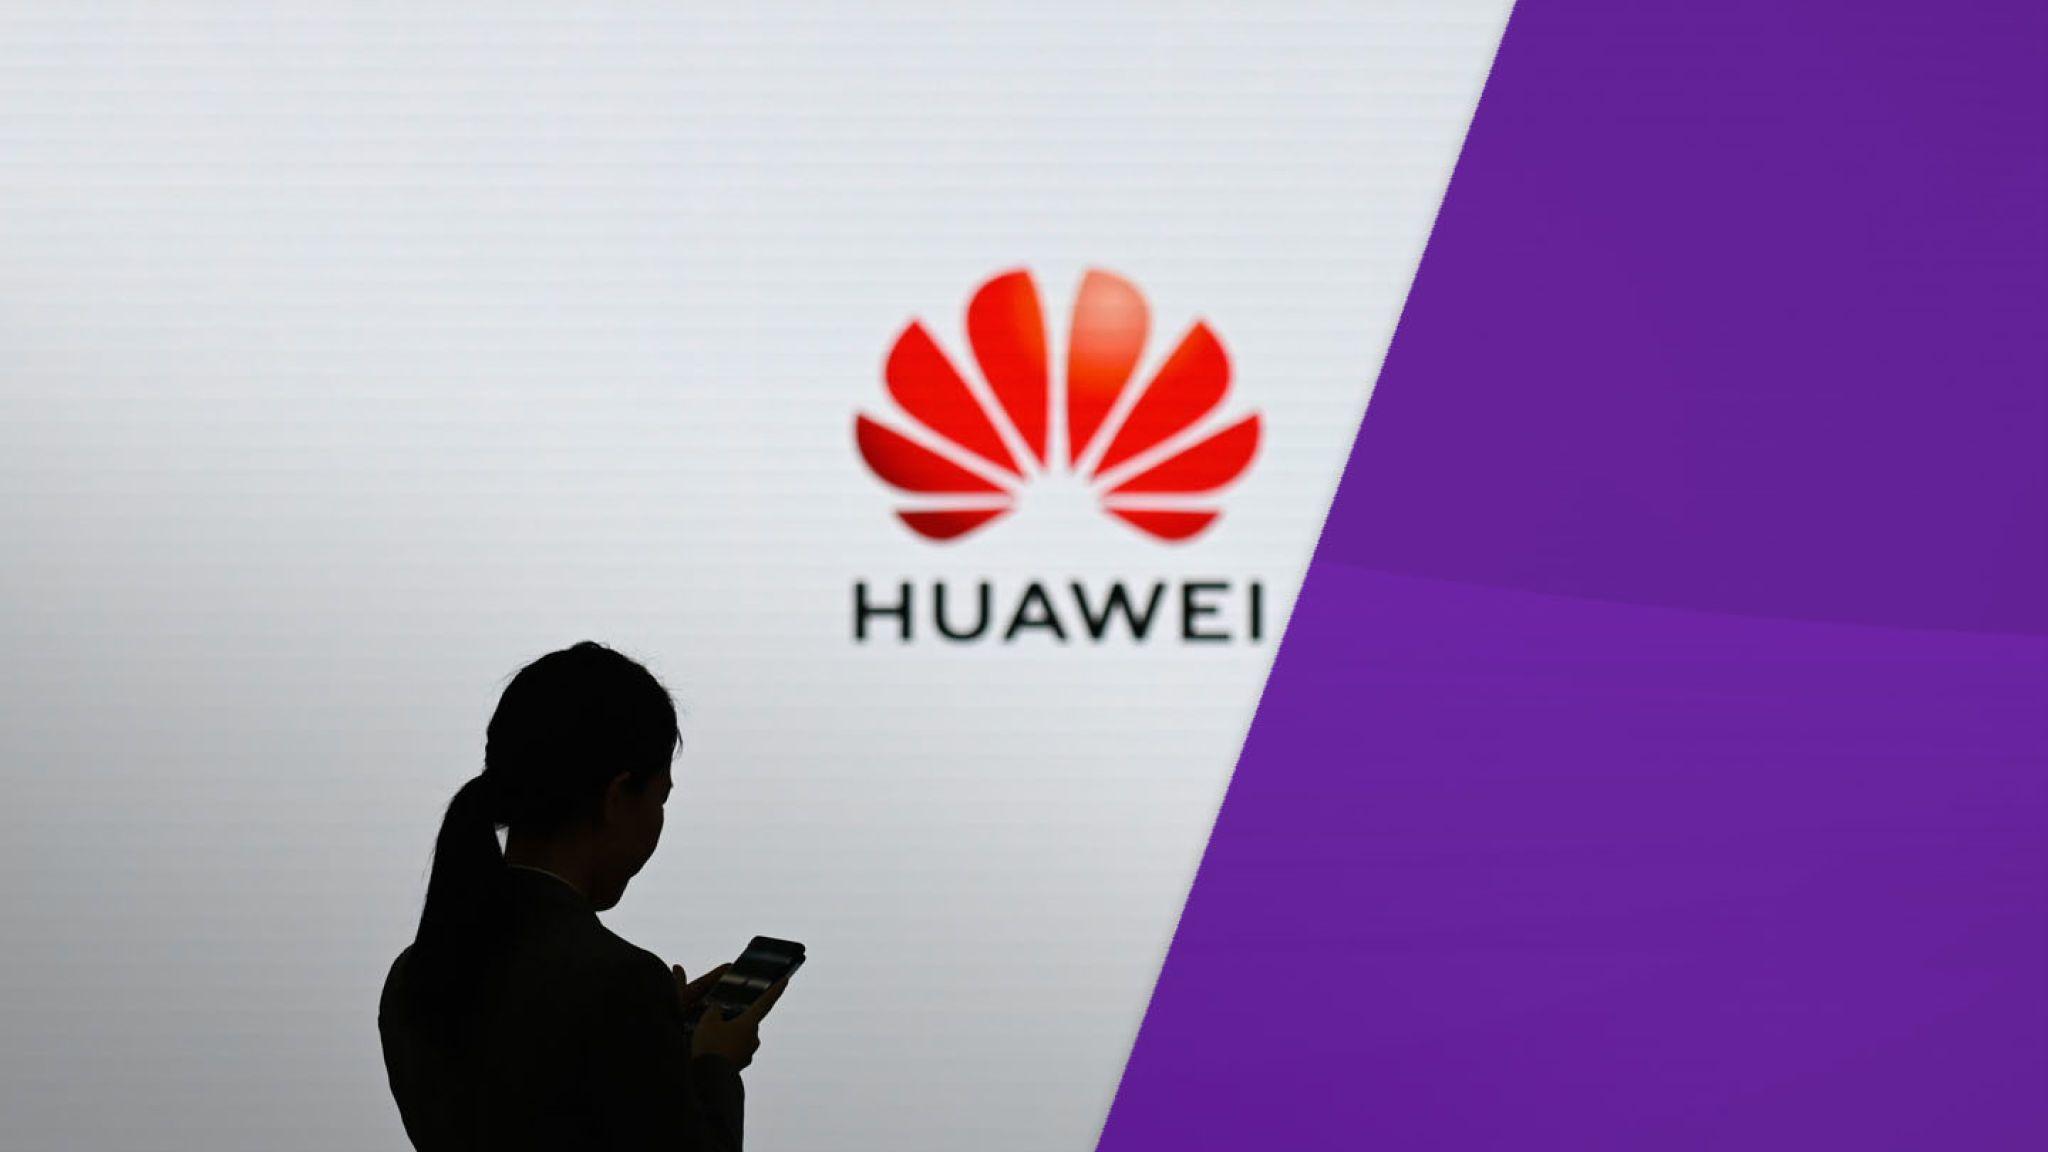 L'avenir de Huawei toujours incertain, les États-Unis pourraient accorder 90 jours supplémentaires de répit